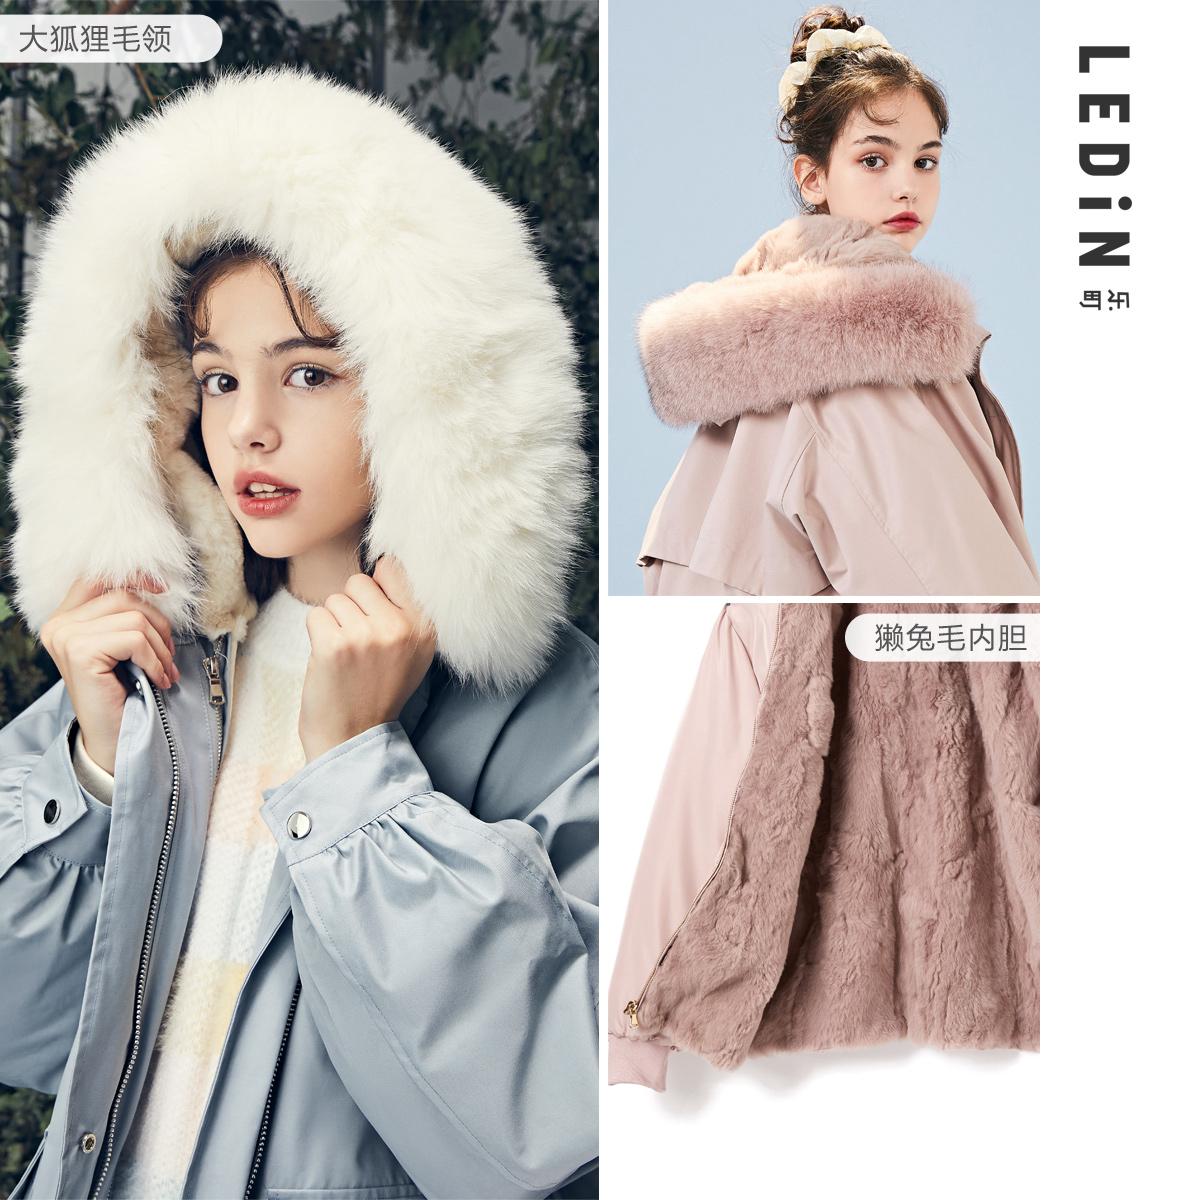 Le Đinh Sweet Parker Fur Áo khoác ngắn 2020 Mùa xuân Phụ nữ mới trùm đầu Áo lông cổ rộng nhỏ - Faux Fur